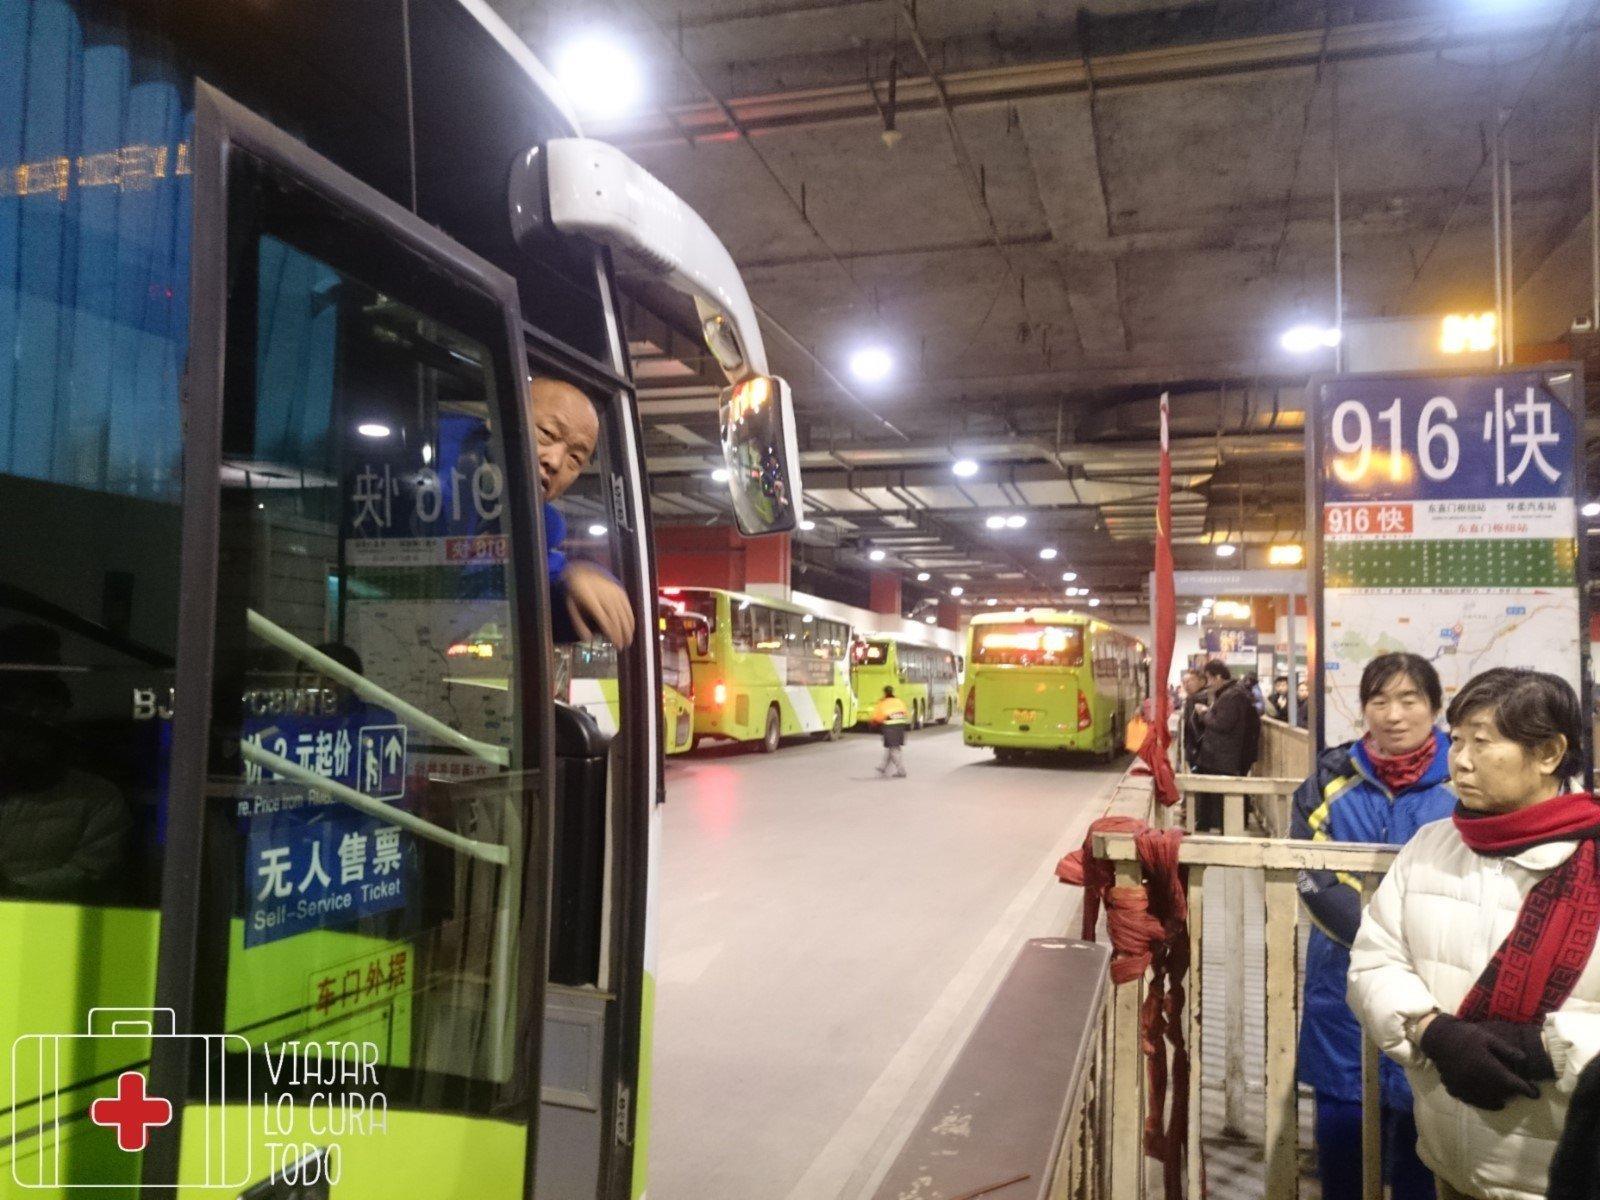 bus 916